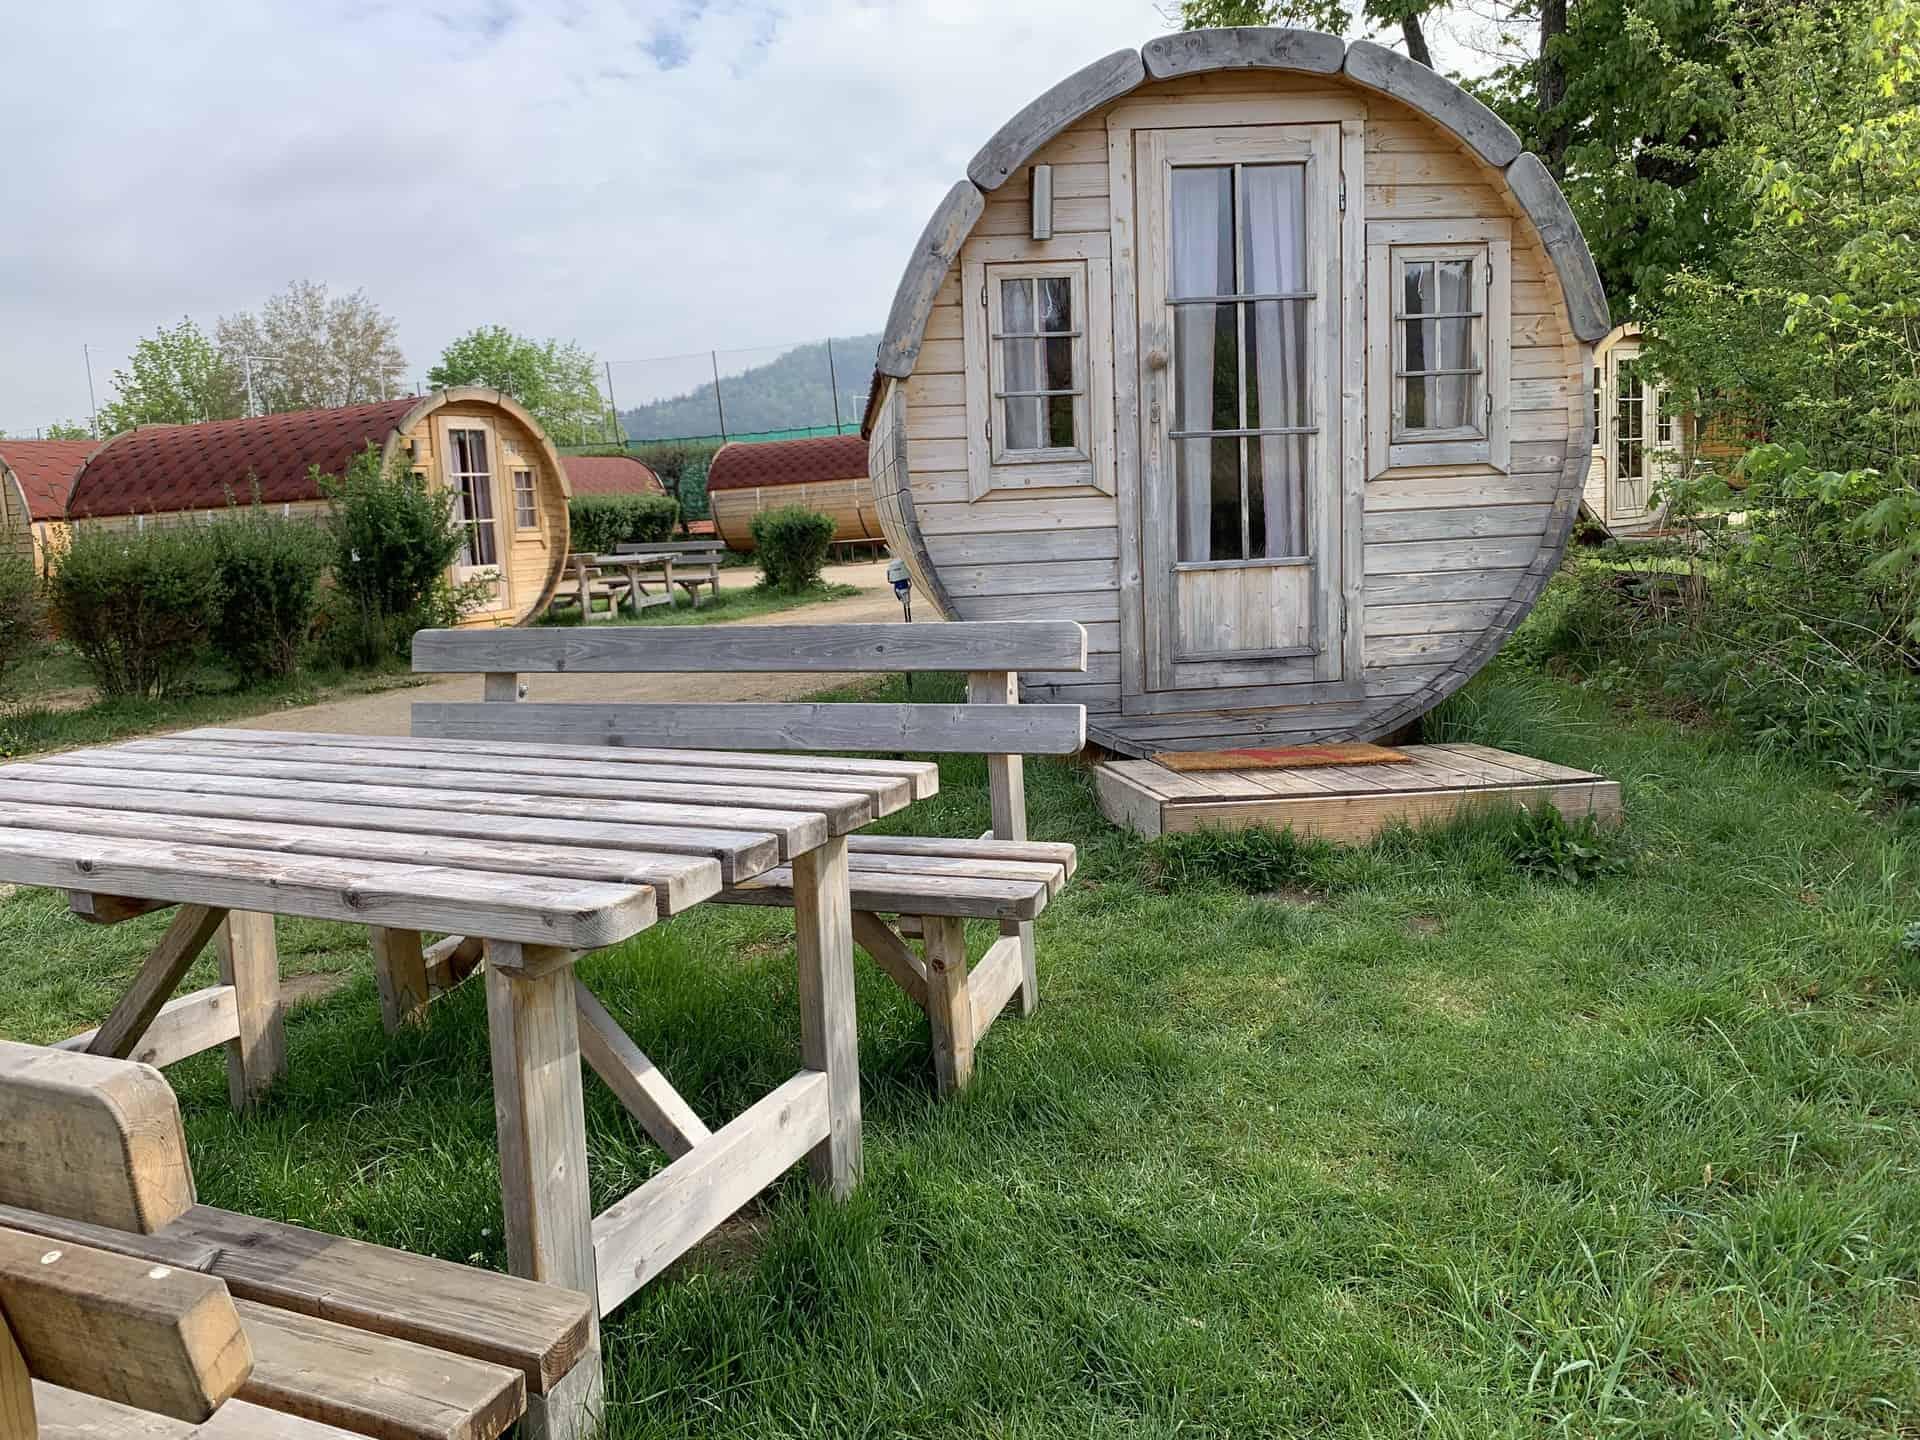 Camping_Fasshotel_Beilgries_Fass_und_Tisch